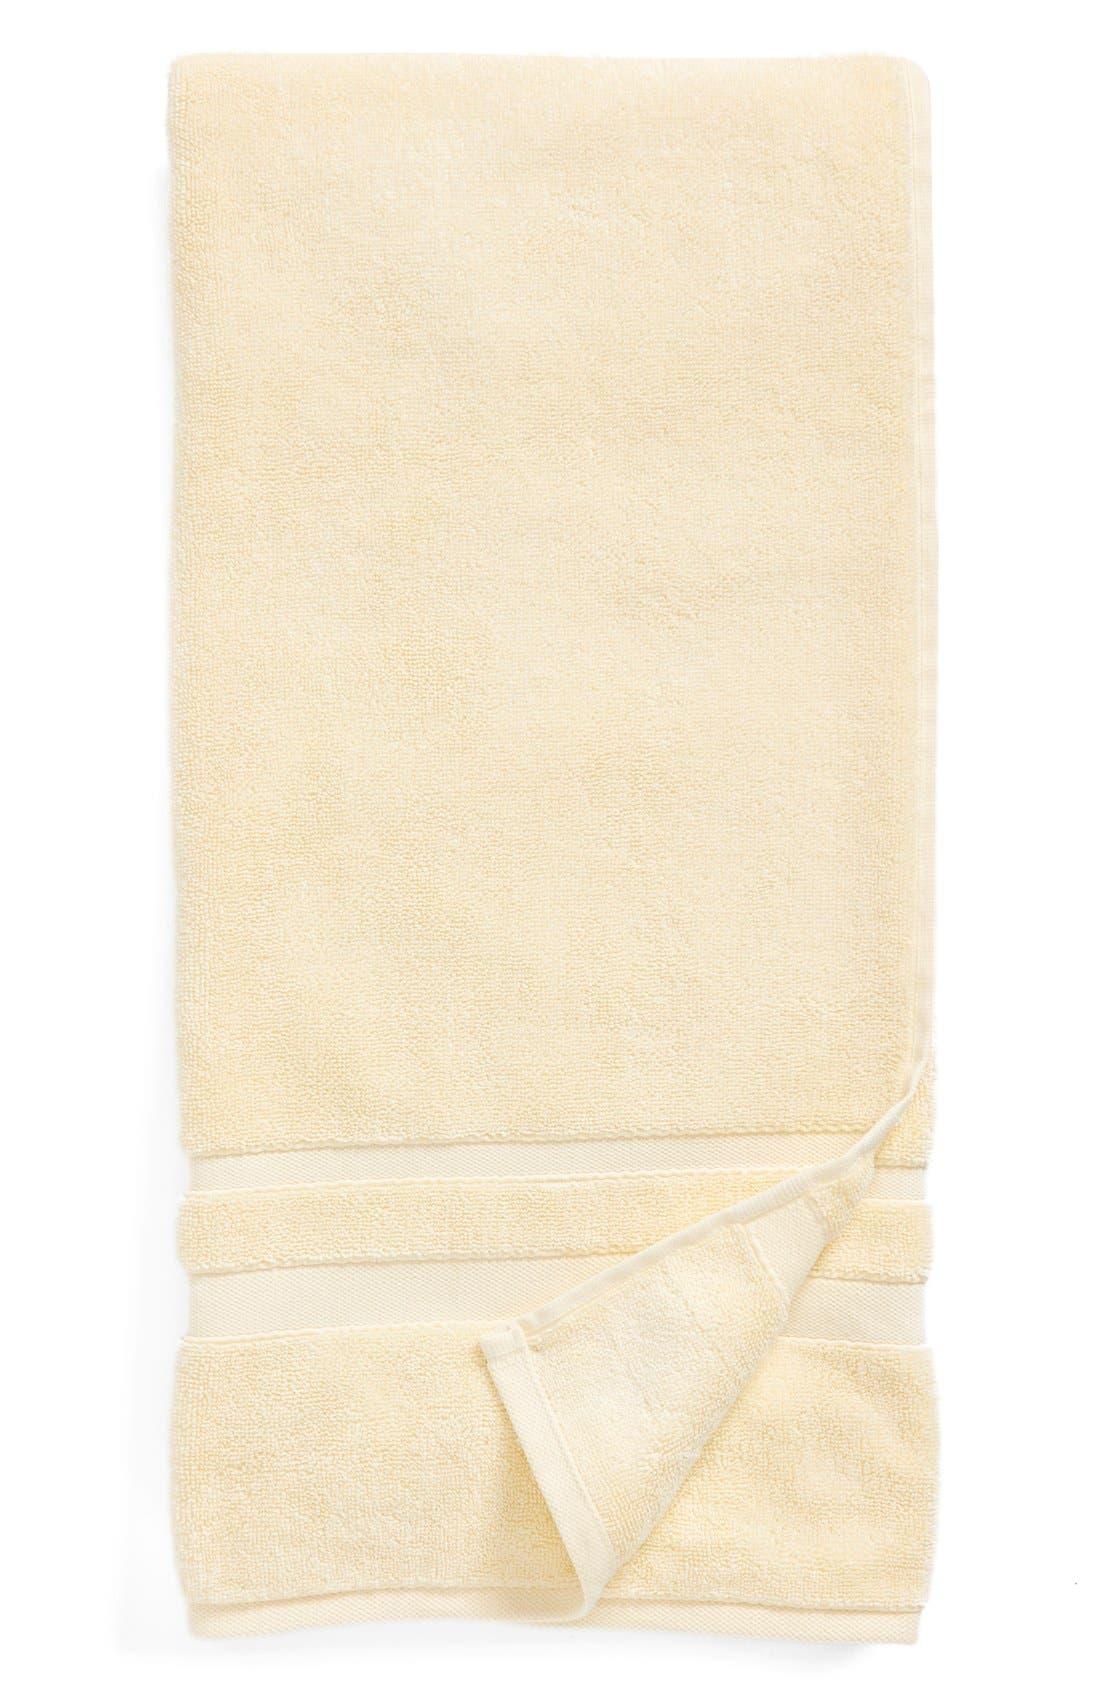 Waterworks Studio 'Perennial' Turkish Cotton Bath Sheet (Online Only)